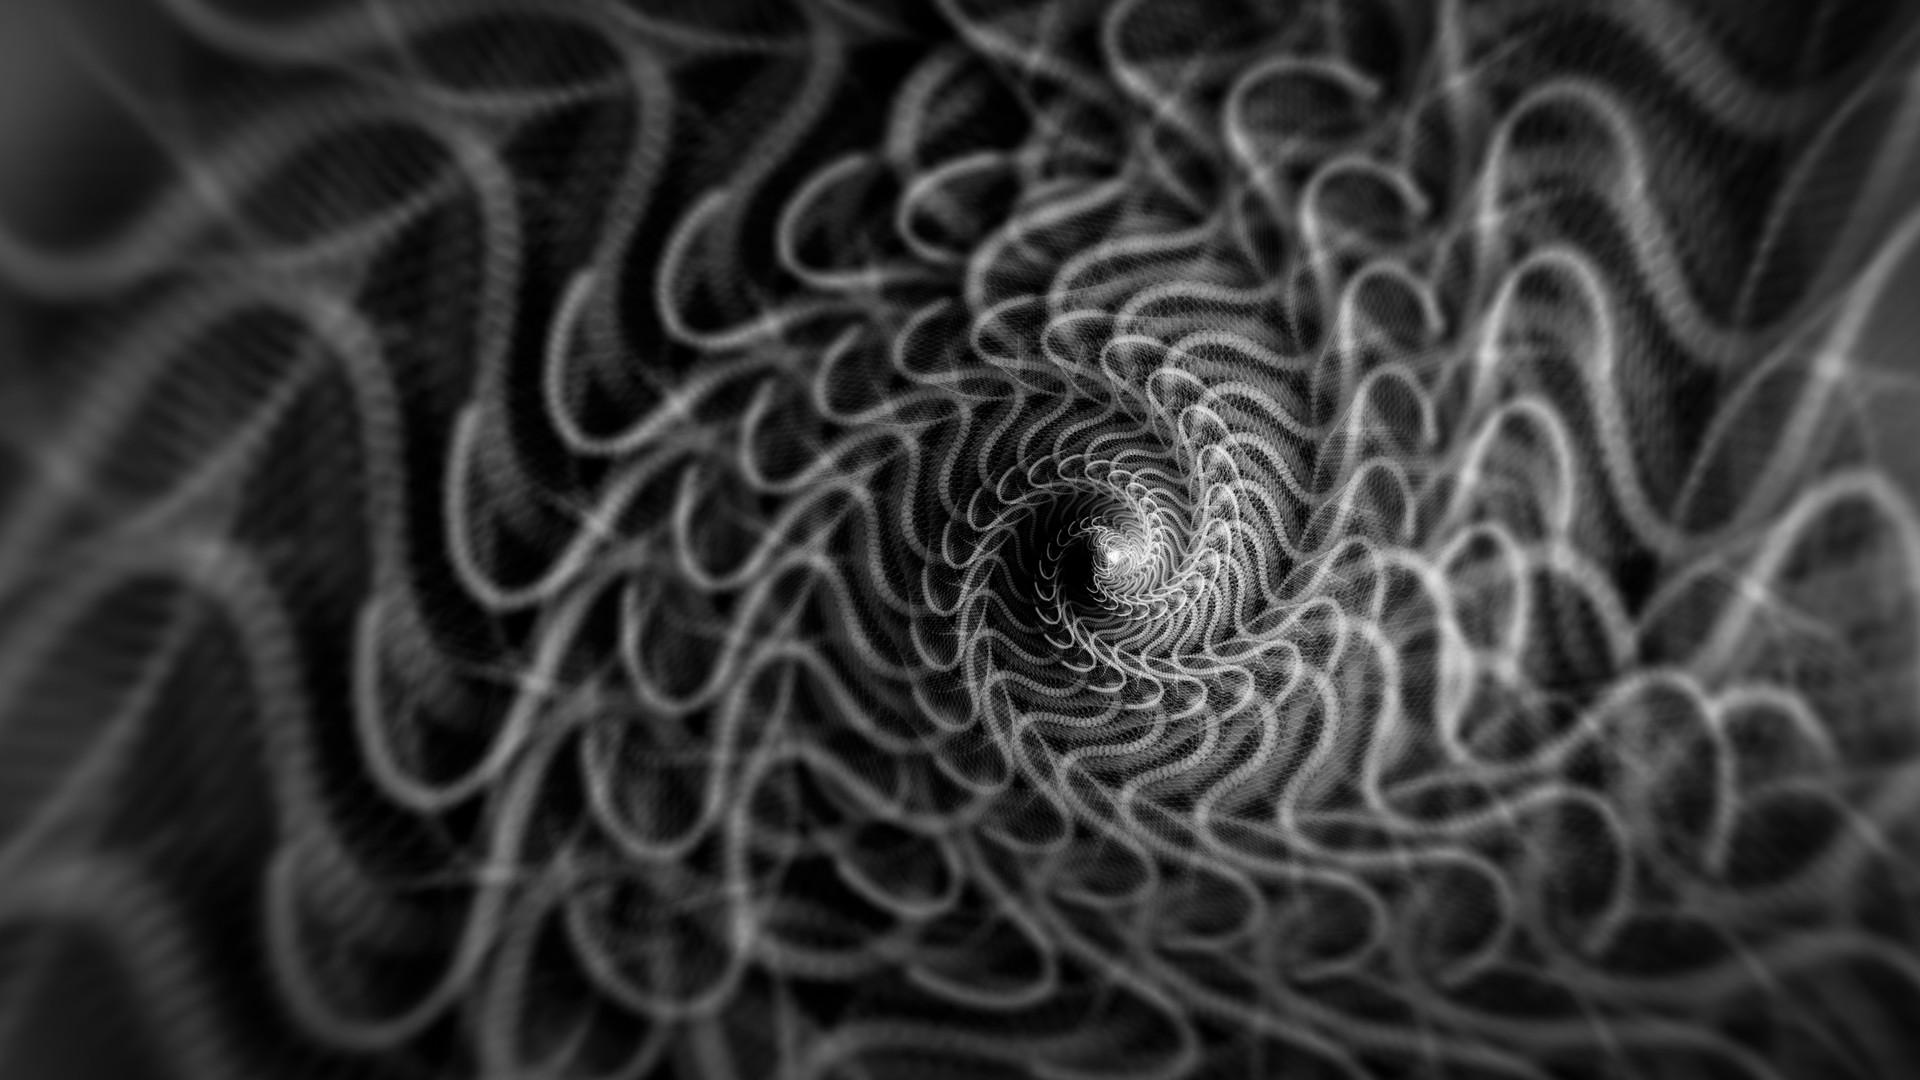 pexels-frank-cone-3573556.jpg